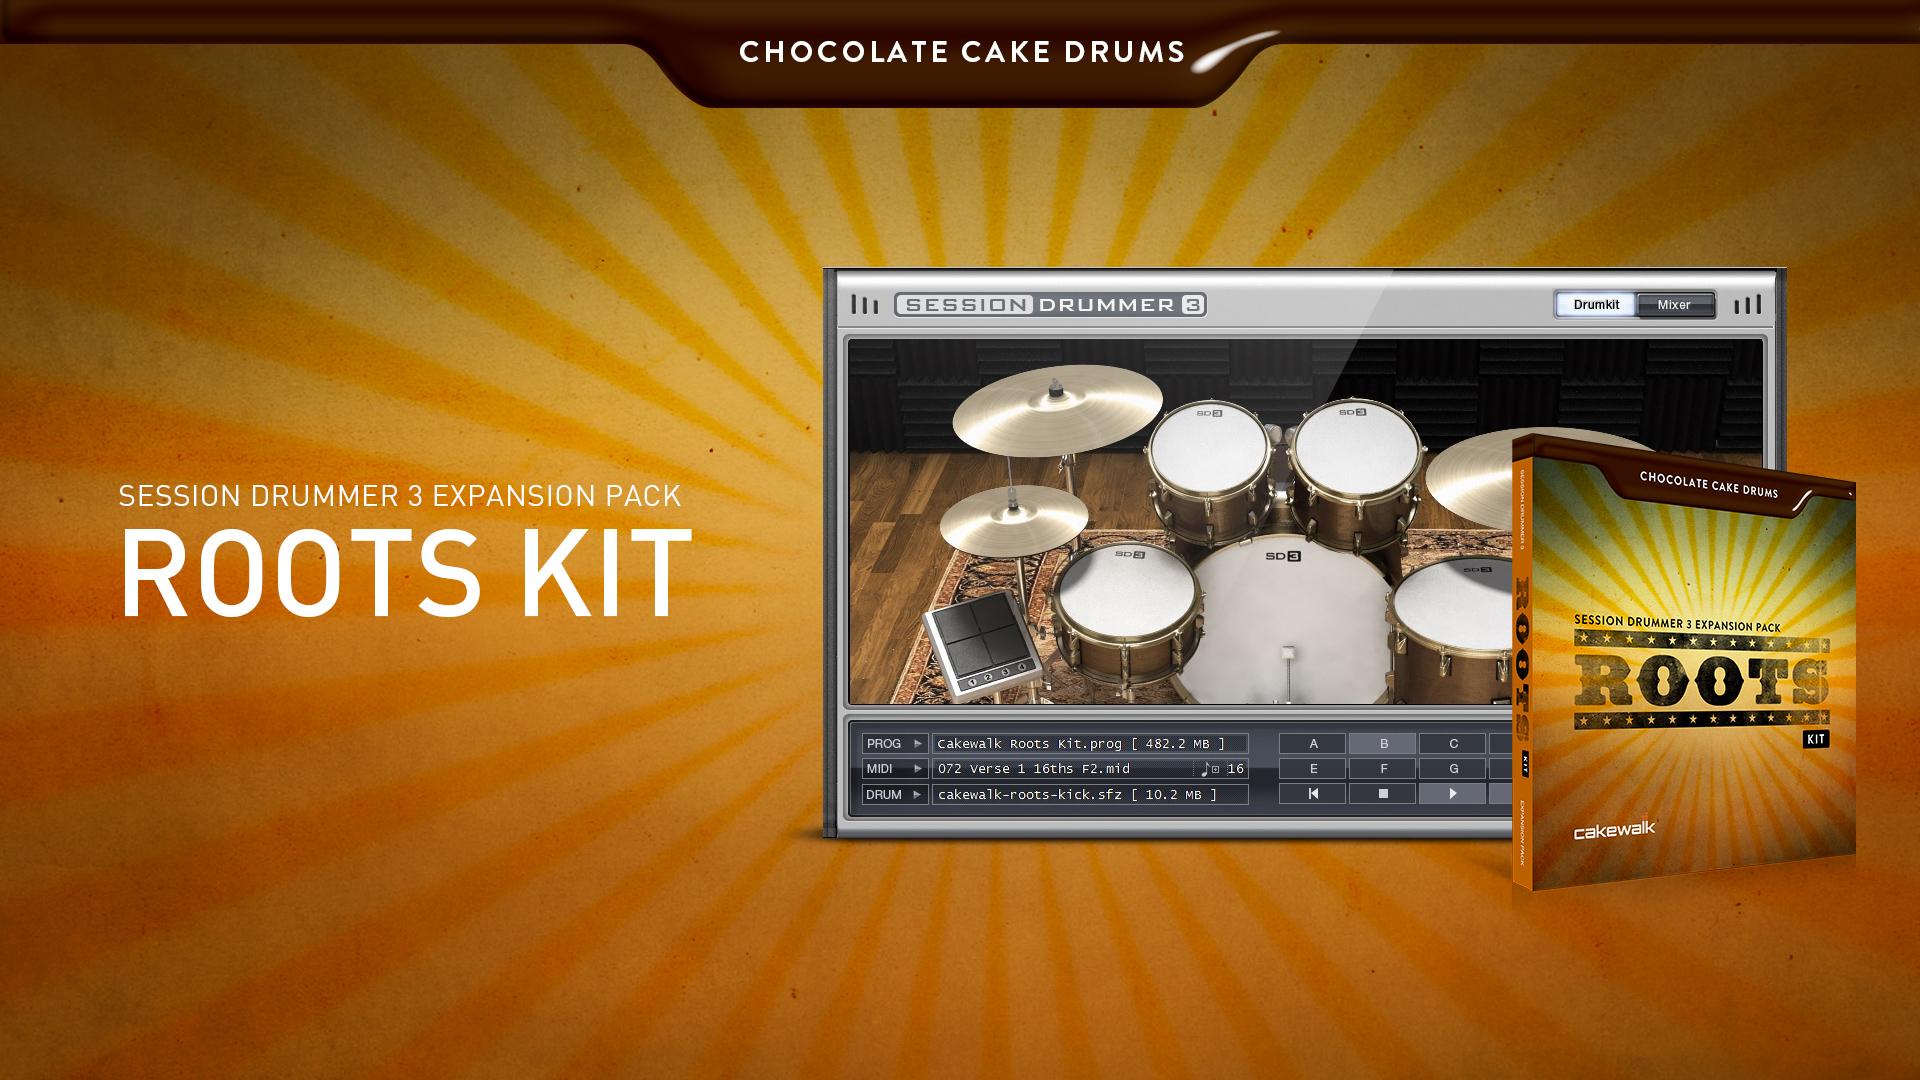 게임정보 - Xpack - SD3: Chocolate Cake Drums - Roots Kit